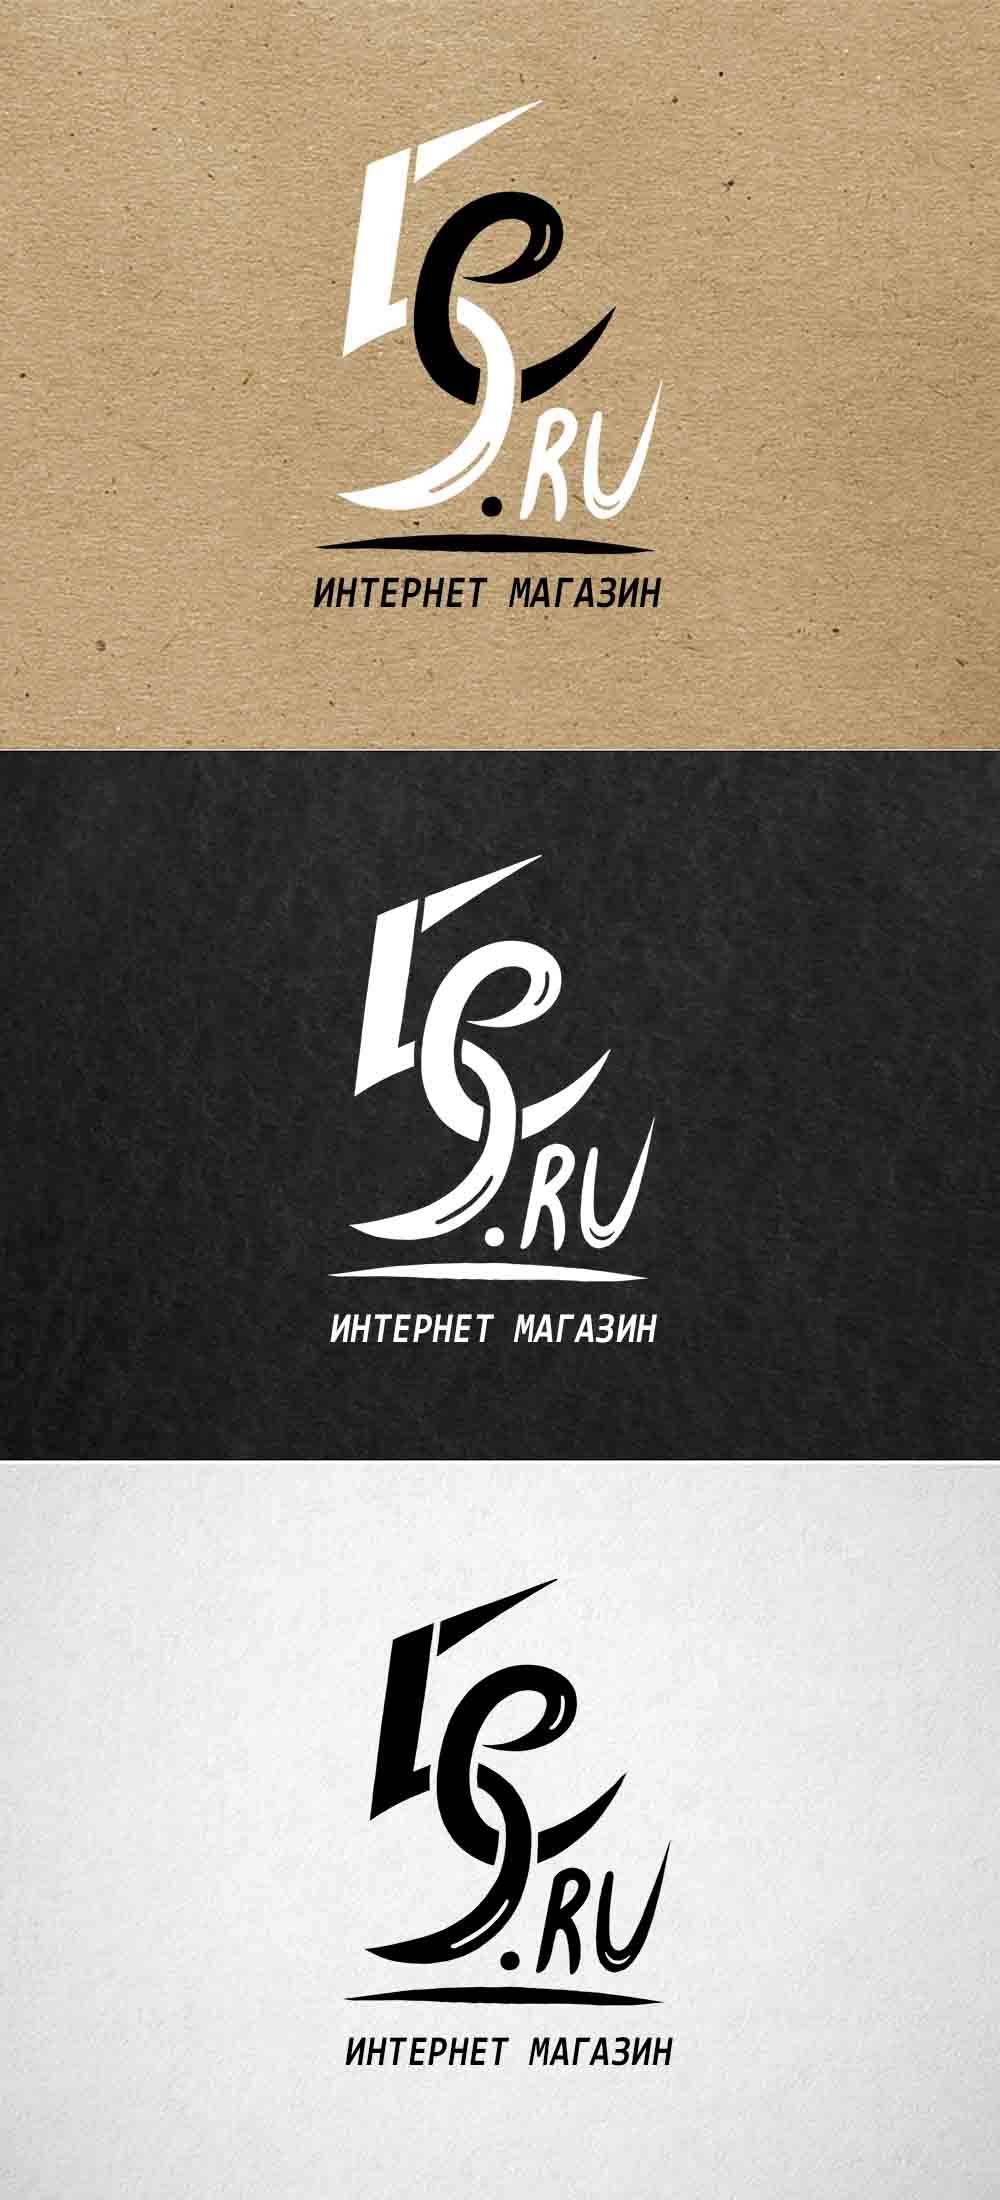 Нарисовать логотип для группы компаний  фото f_7345cdc287d2aa7b.jpg